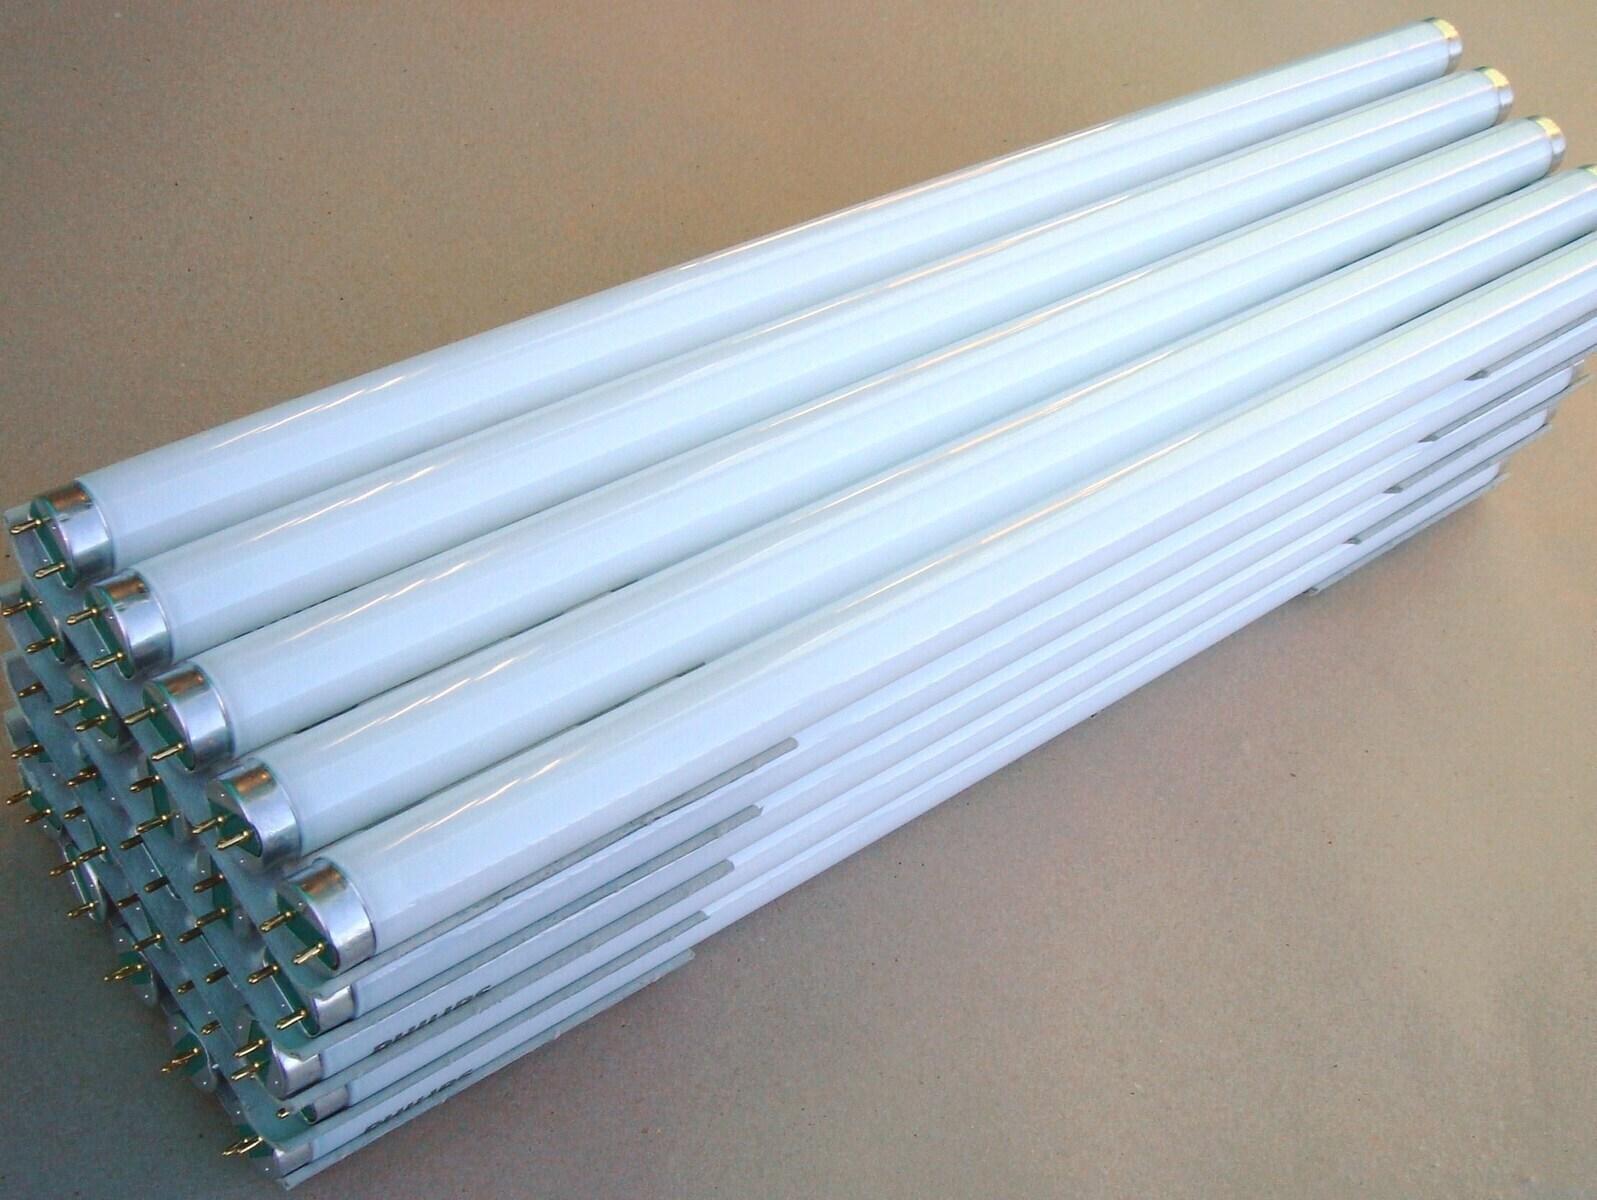 Luminofoortoru 15 W, Philips TL-D 15W/827, T8, 702784